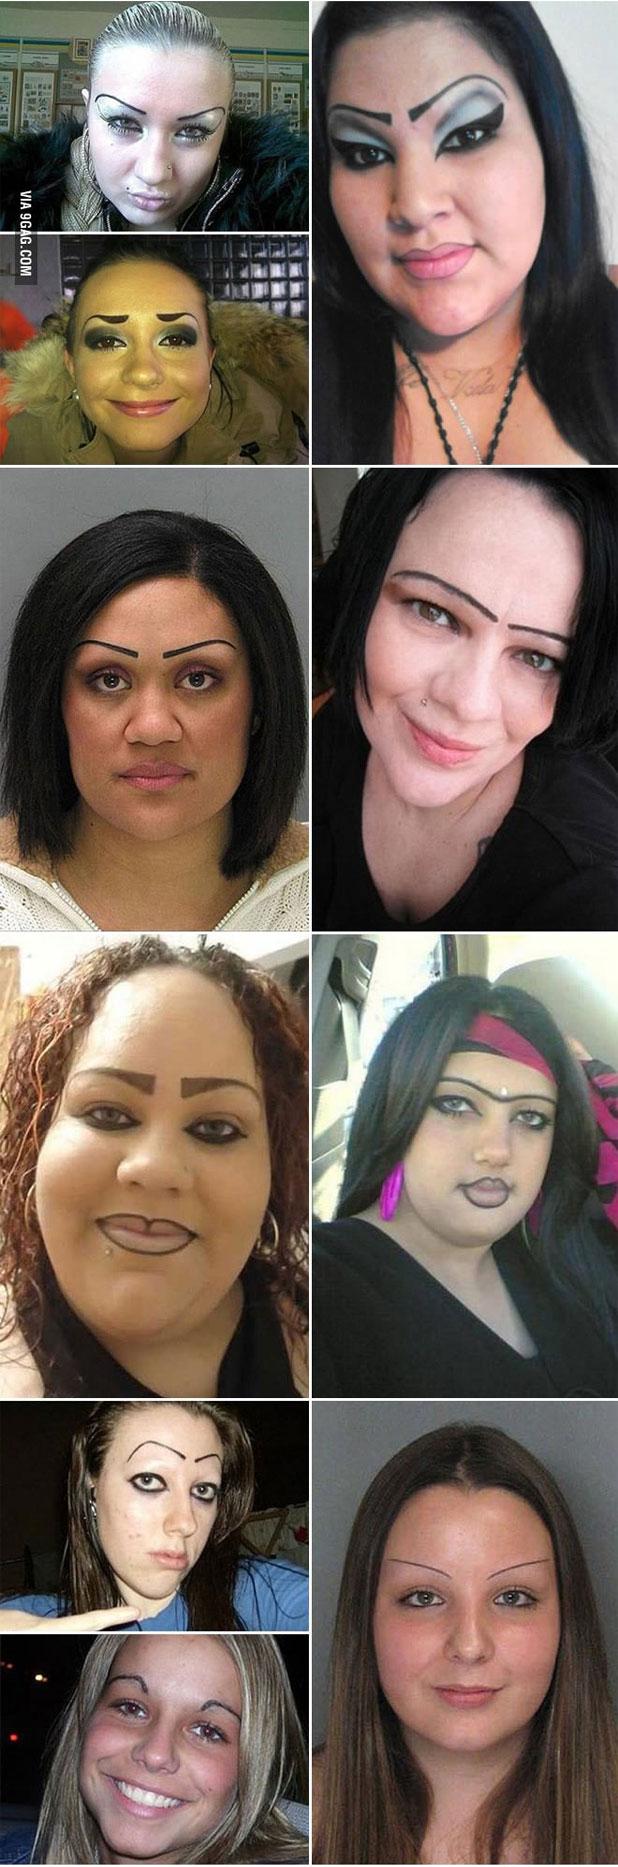 個性的な「眉毛」をしている女性たち